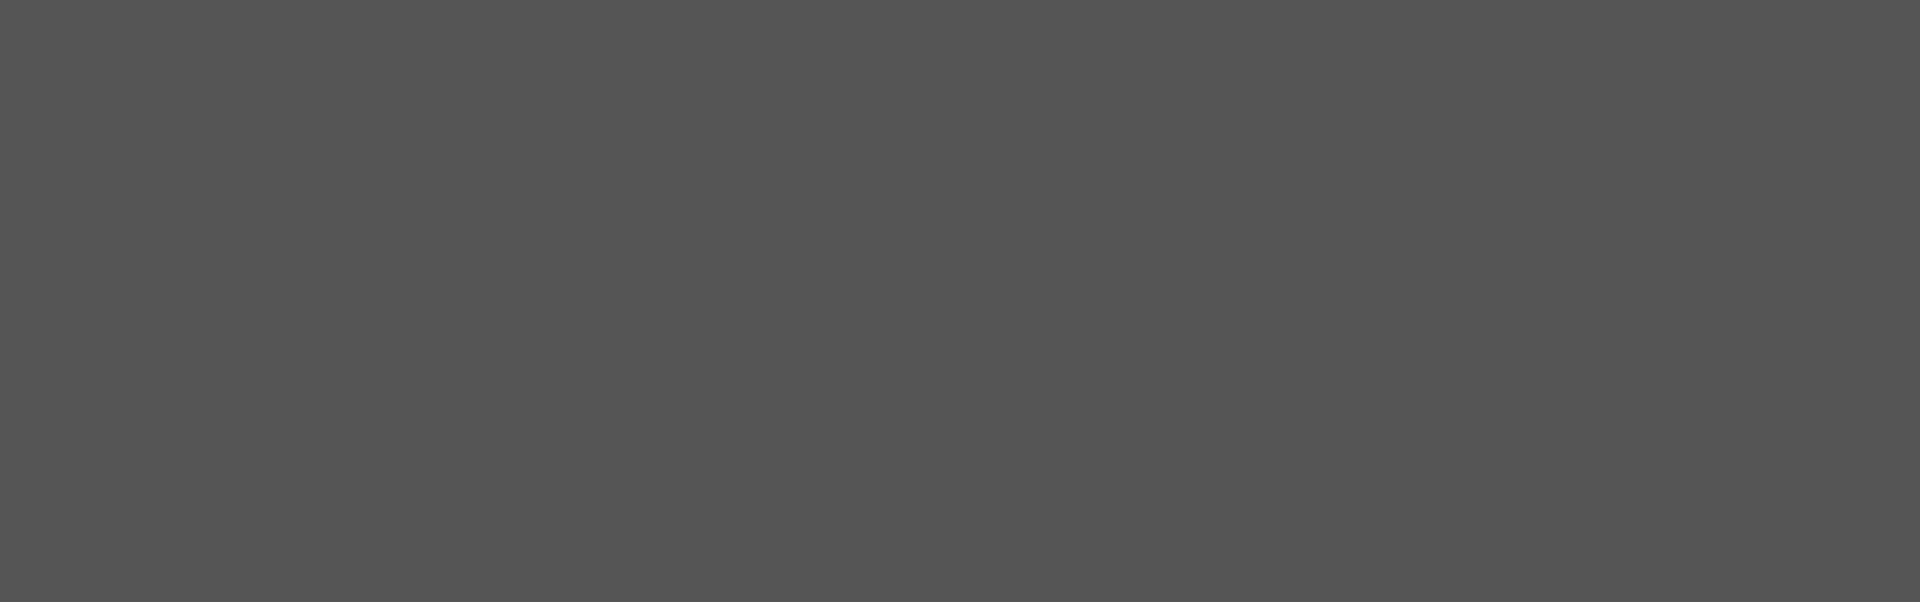 Ζαννίκος χρωματοπωλείο